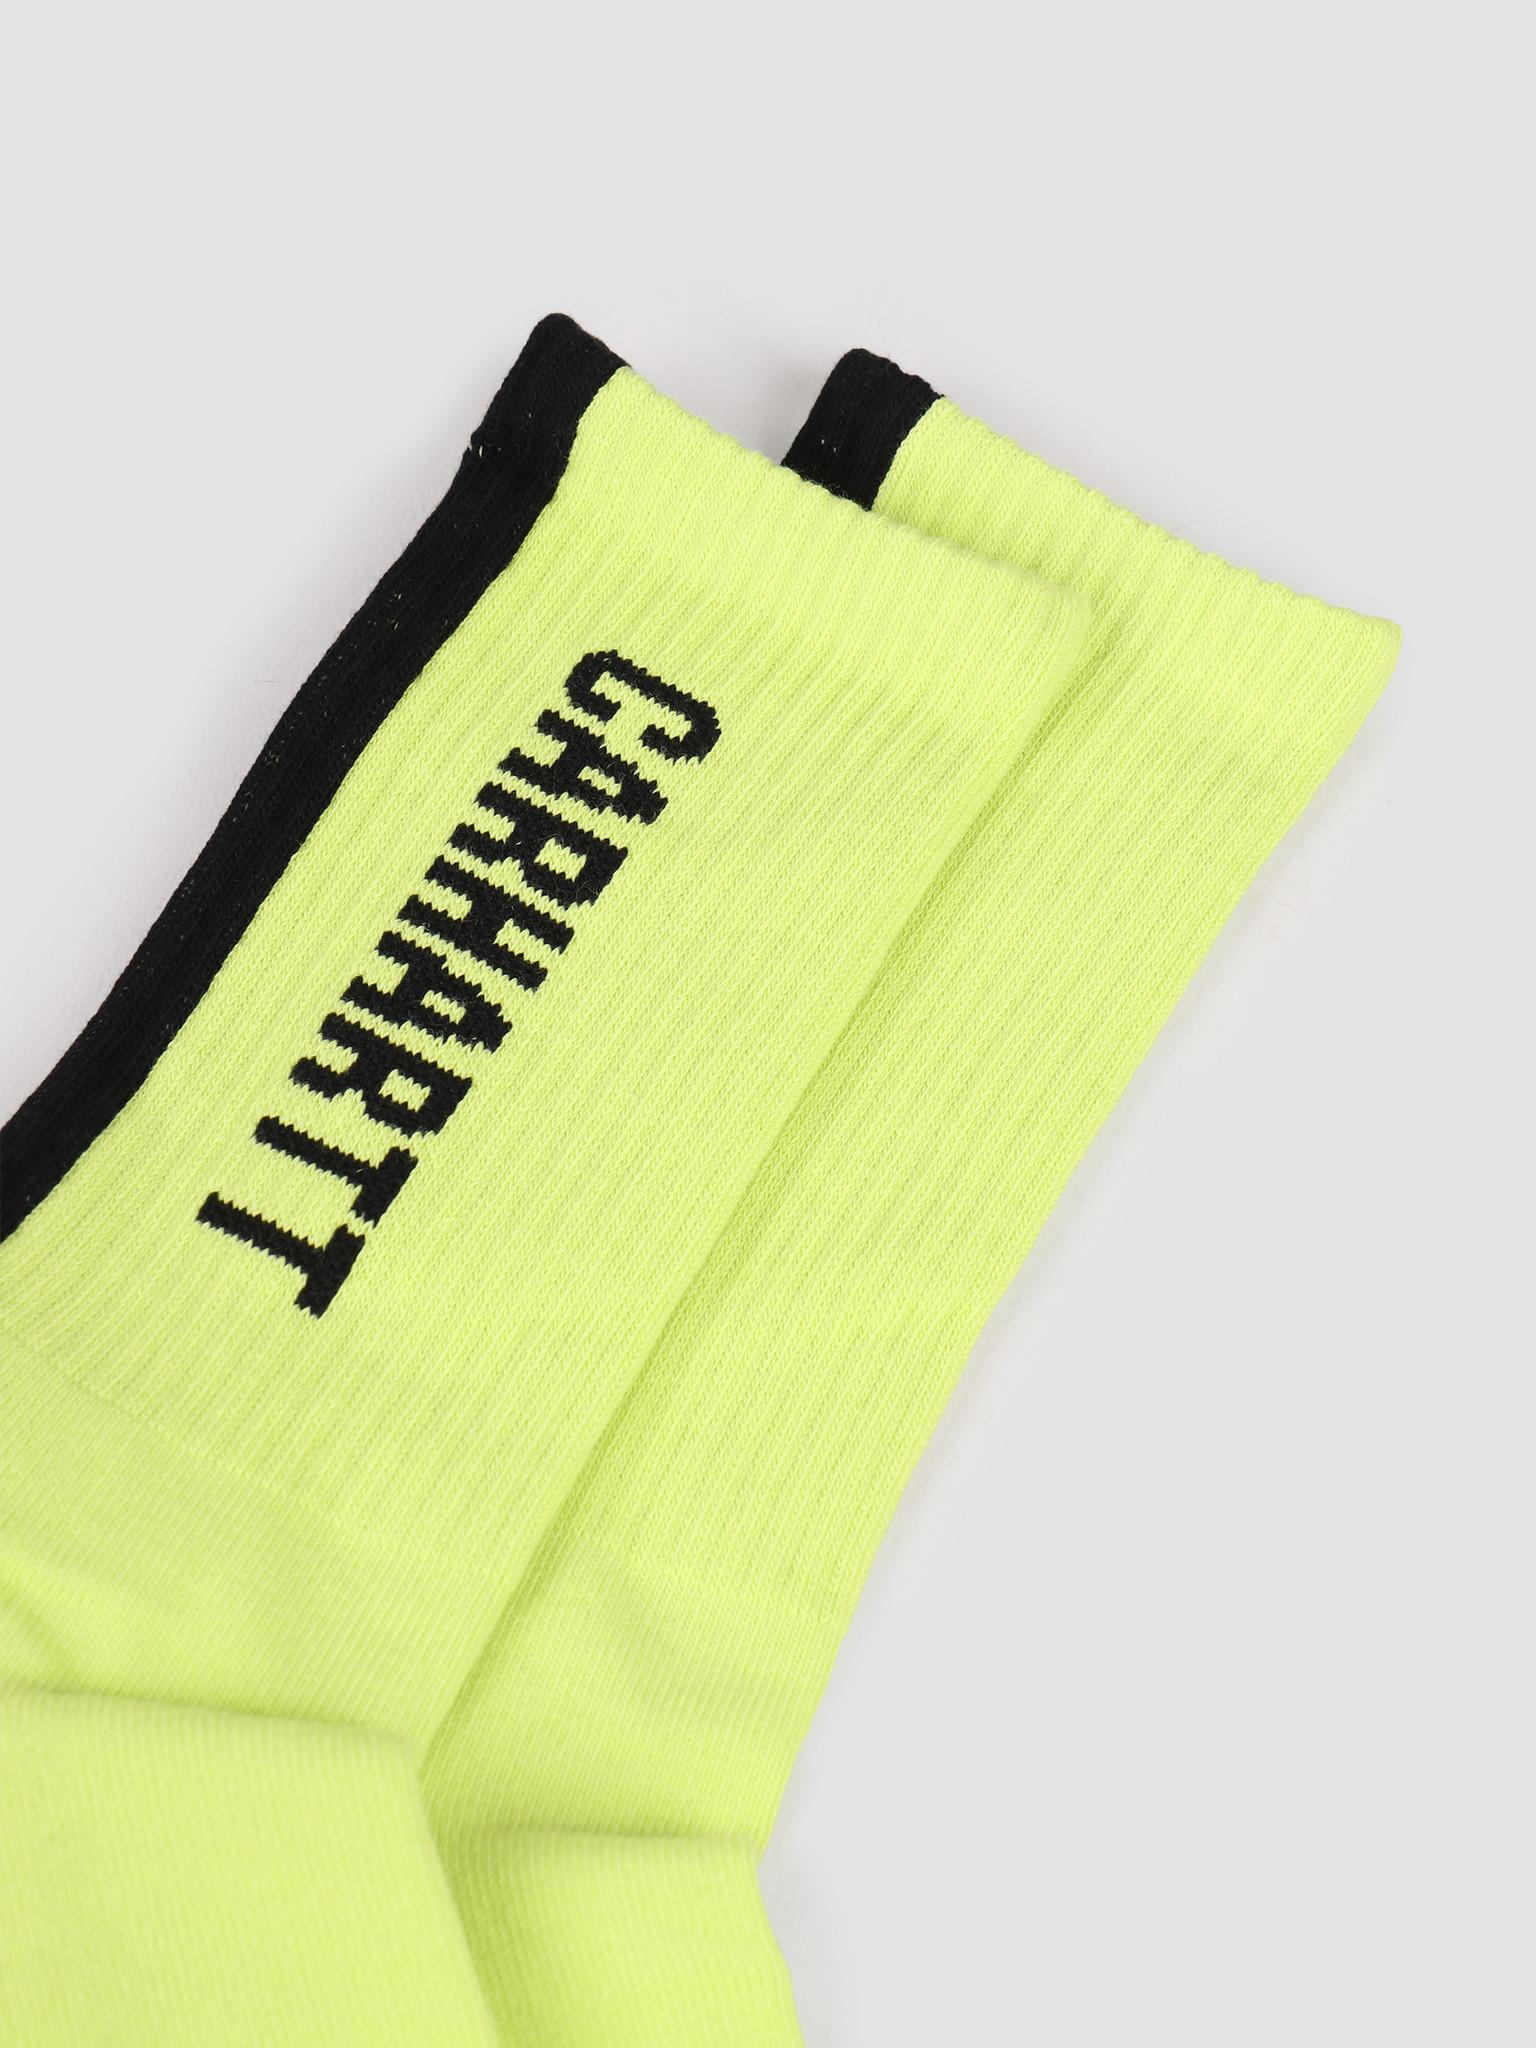 Carhartt WIP Carhartt WIP Turner Socks Lime Black I027707-09E00